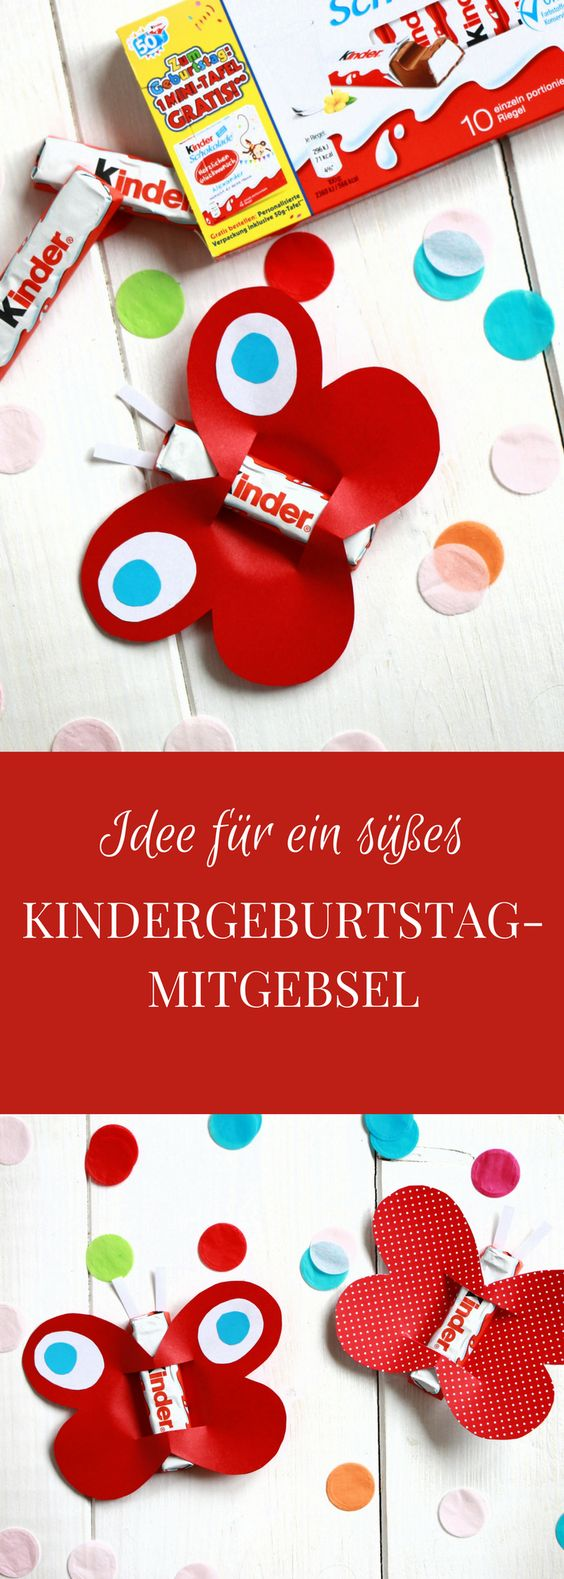 Eine Marienkäferparty und Bananenmuffins | Cards, Birthdays and ... - Cars Einladungskarten Zum Ausdrucken